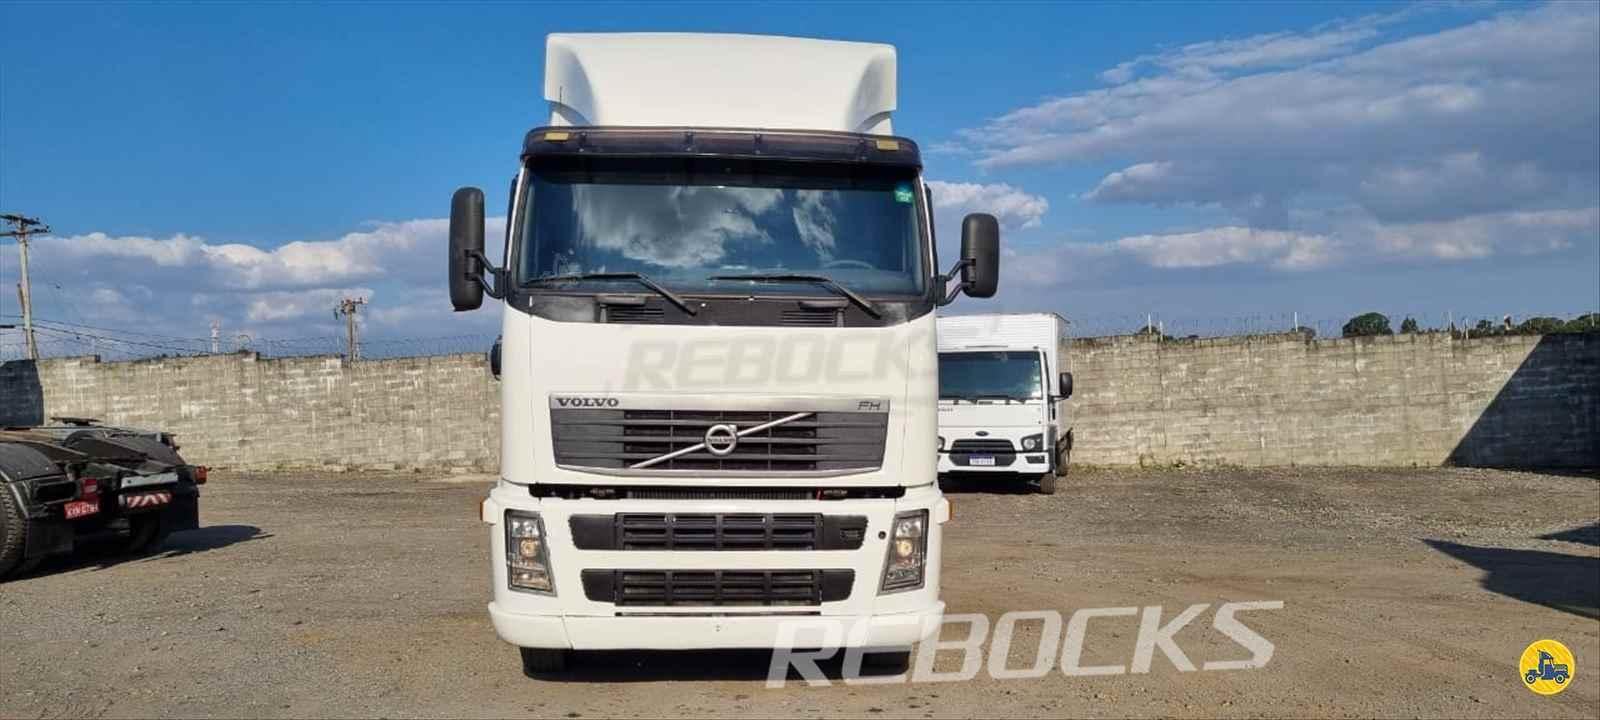 CAMINHAO VOLVO VOLVO FH 440 Cavalo Mecânico Truck 6x2 Rebocks LIMEIRA SÃO PAULO SP